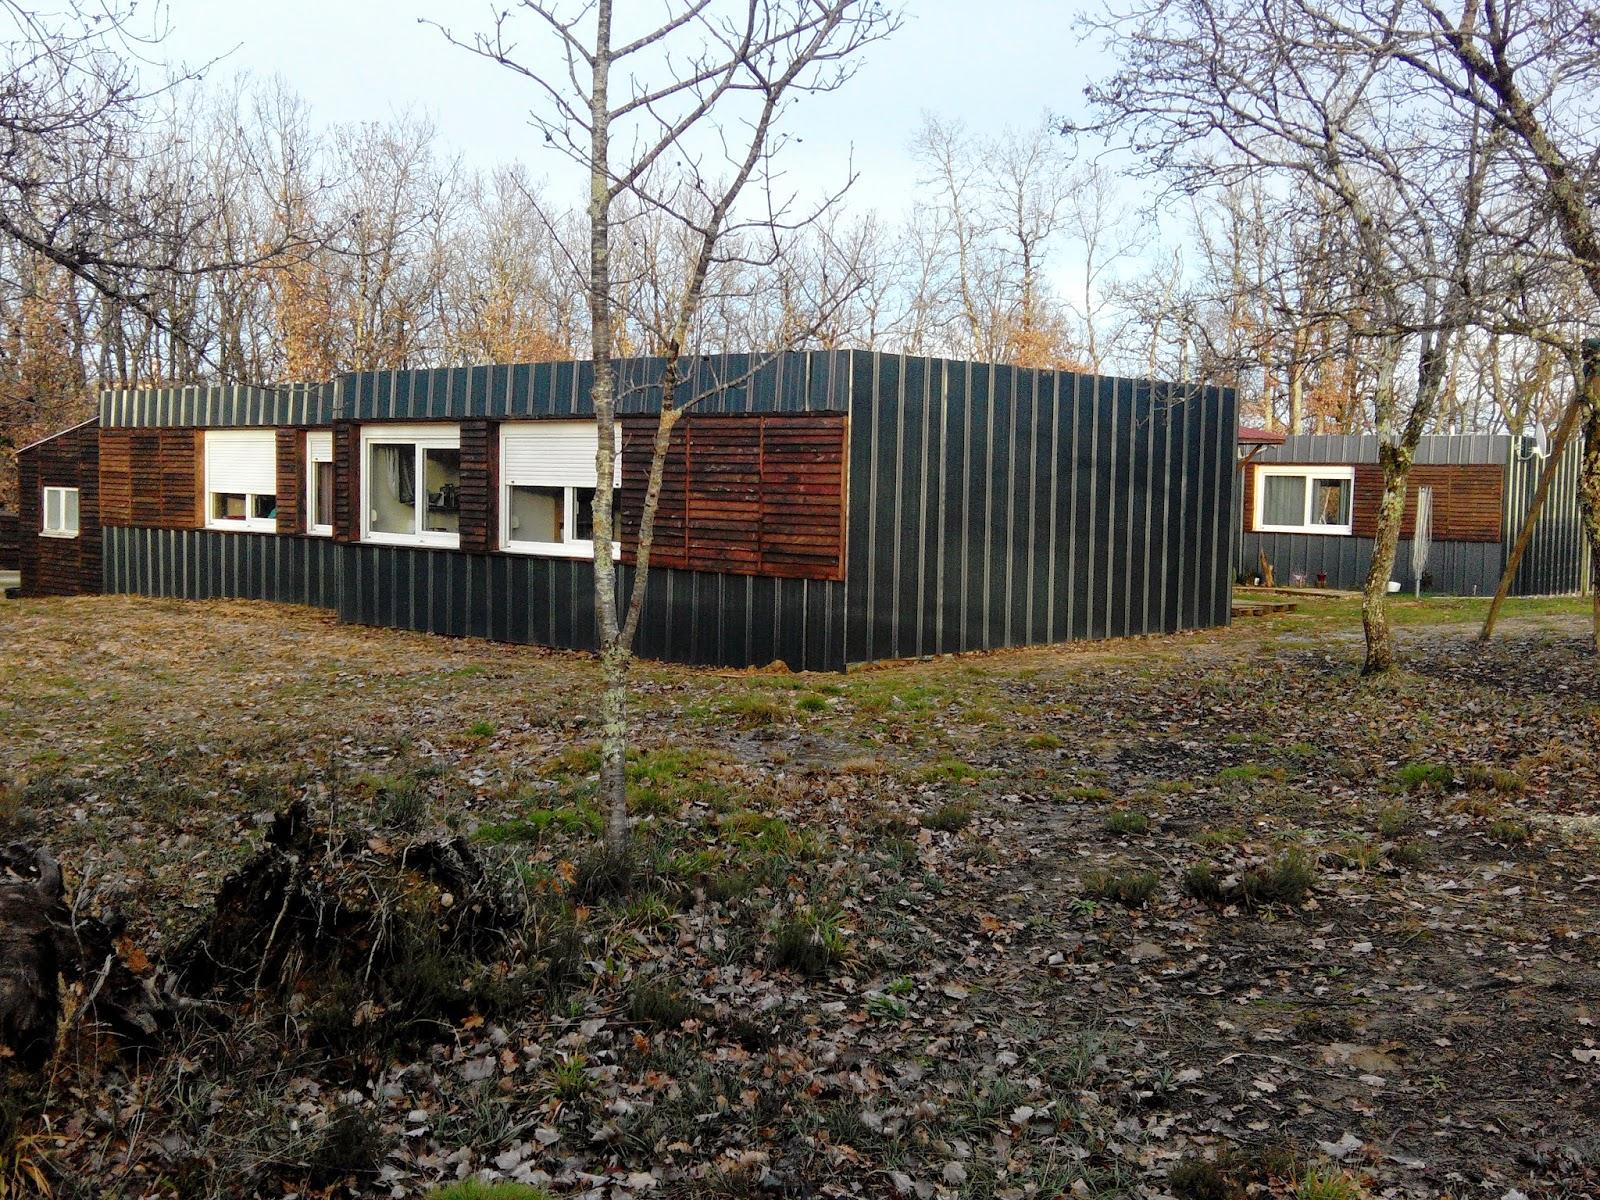 Le modulaire maison algeco for Algeco maison